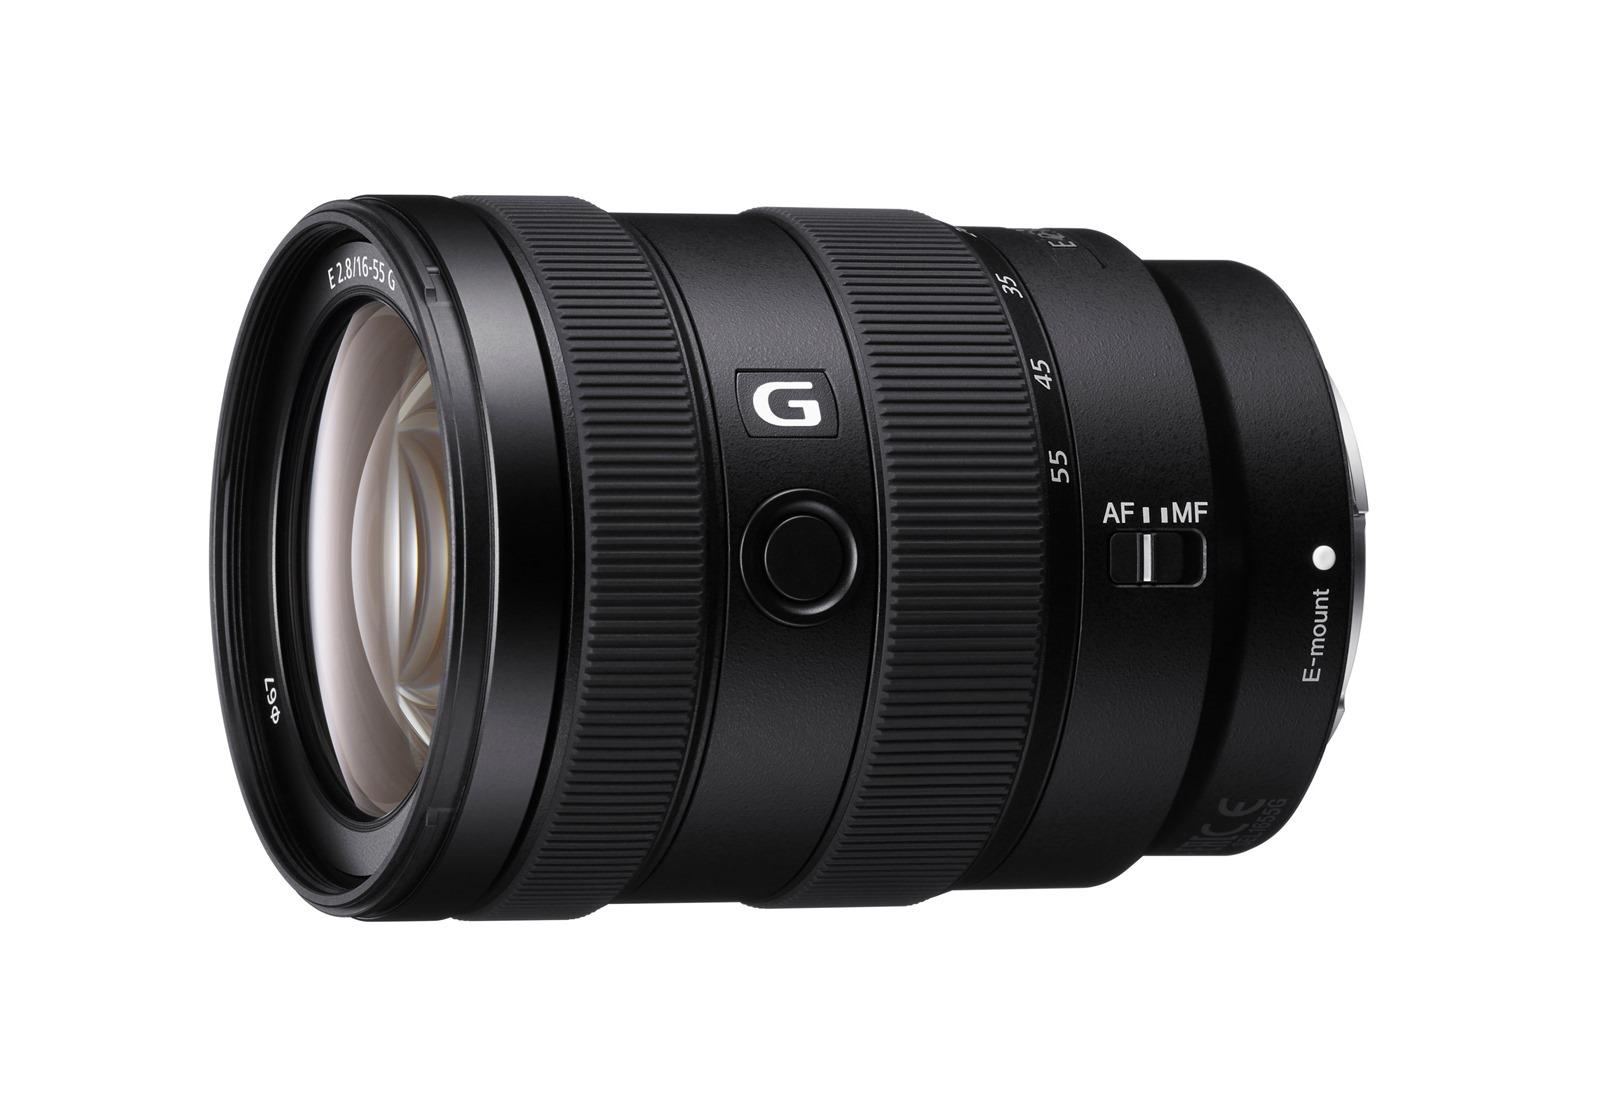 Sony E 16-55mm F2.8 G 大光圈標準變焦鏡頭 演繹輕巧設計、優異畫質、傑出散景的完美組合 @3C 達人廖阿輝